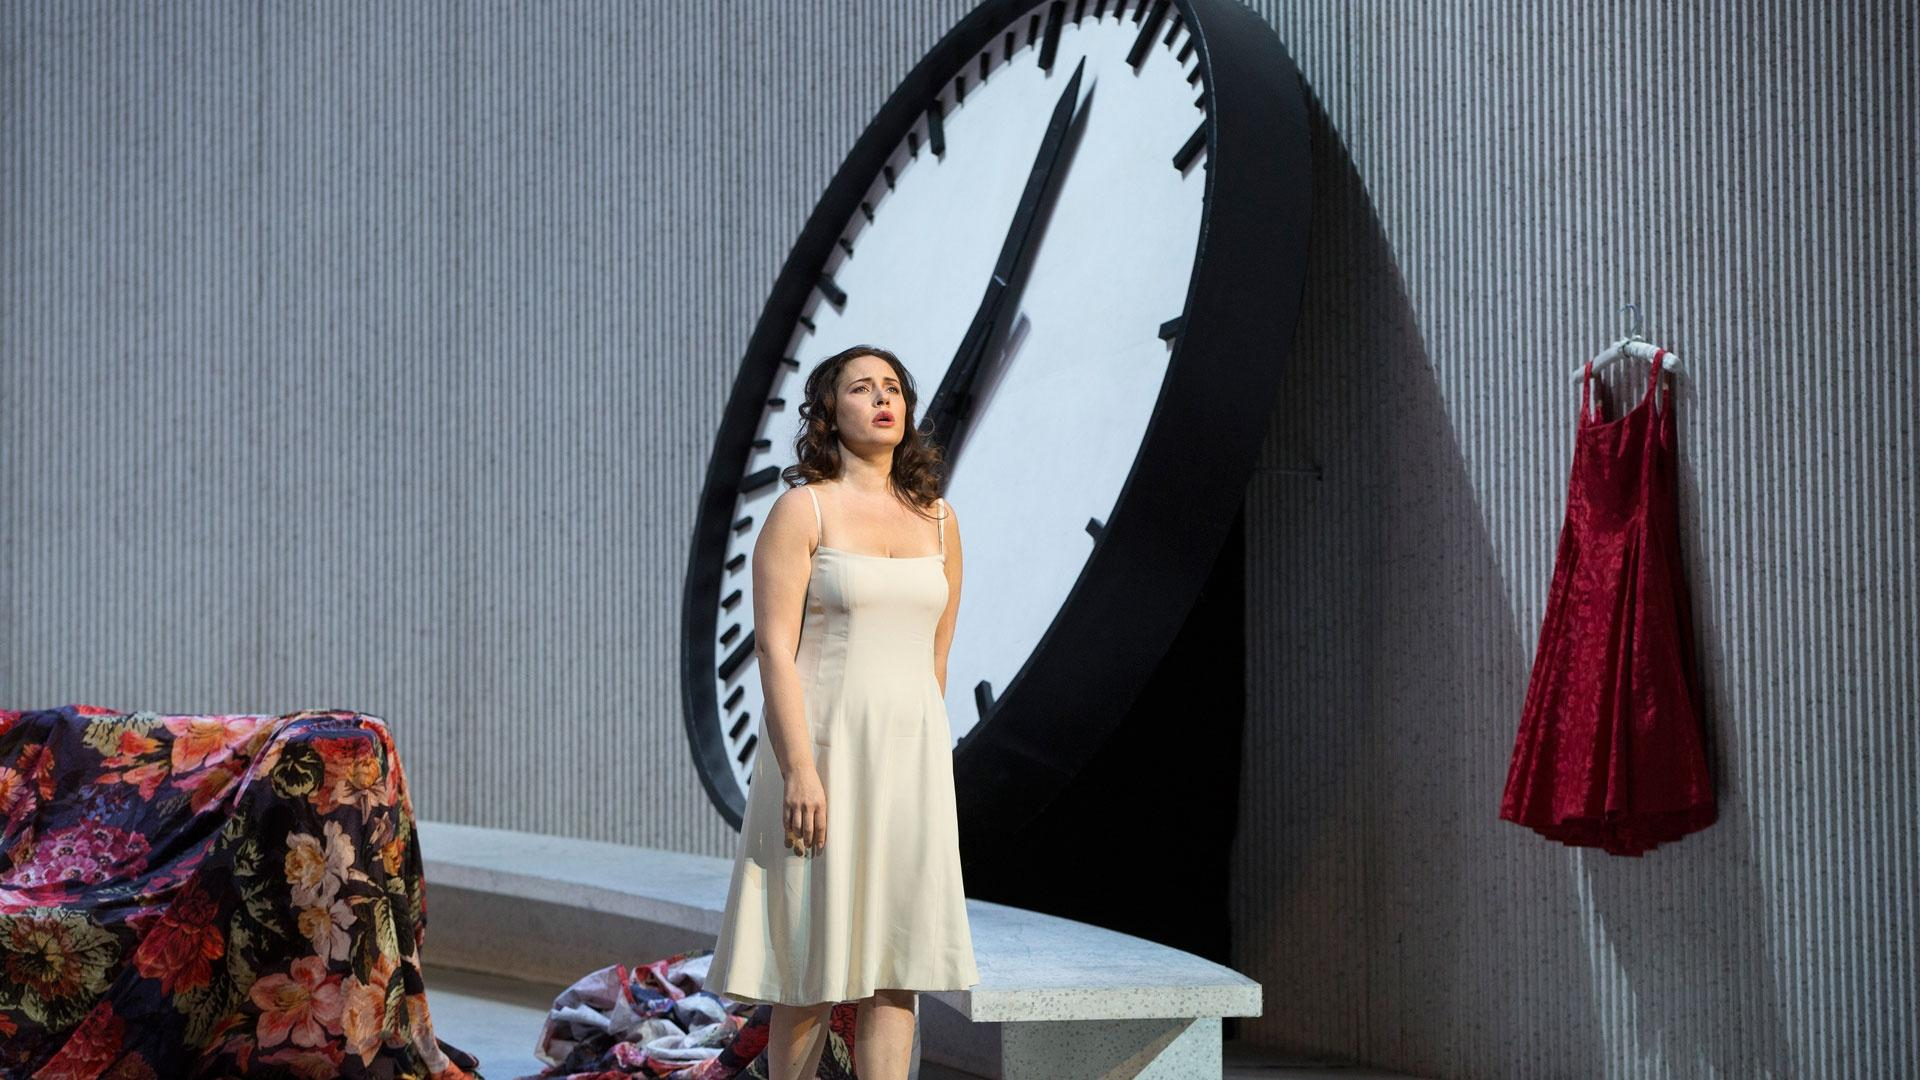 Addio del passato | GMET: La Traviata